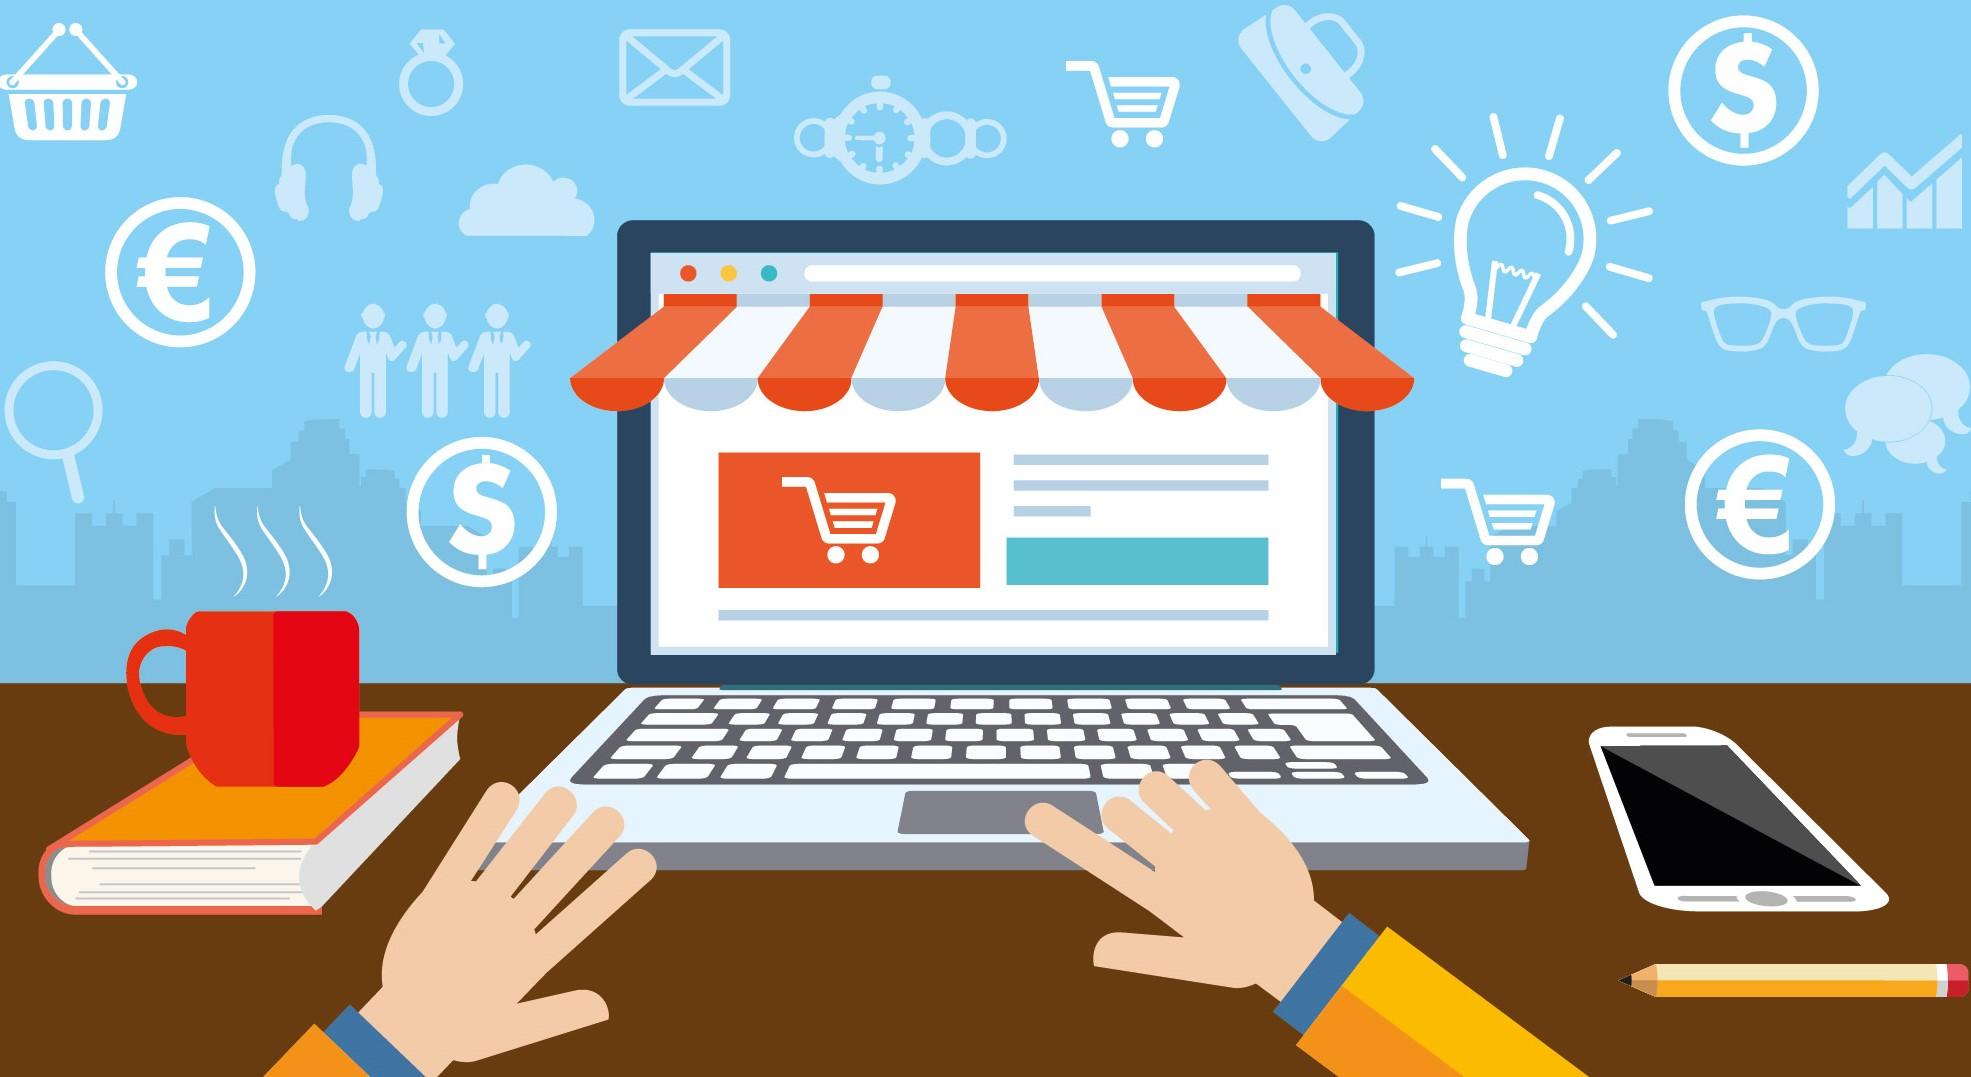 10 bước để kinh doanh online thành công cho người mới bắt đầu